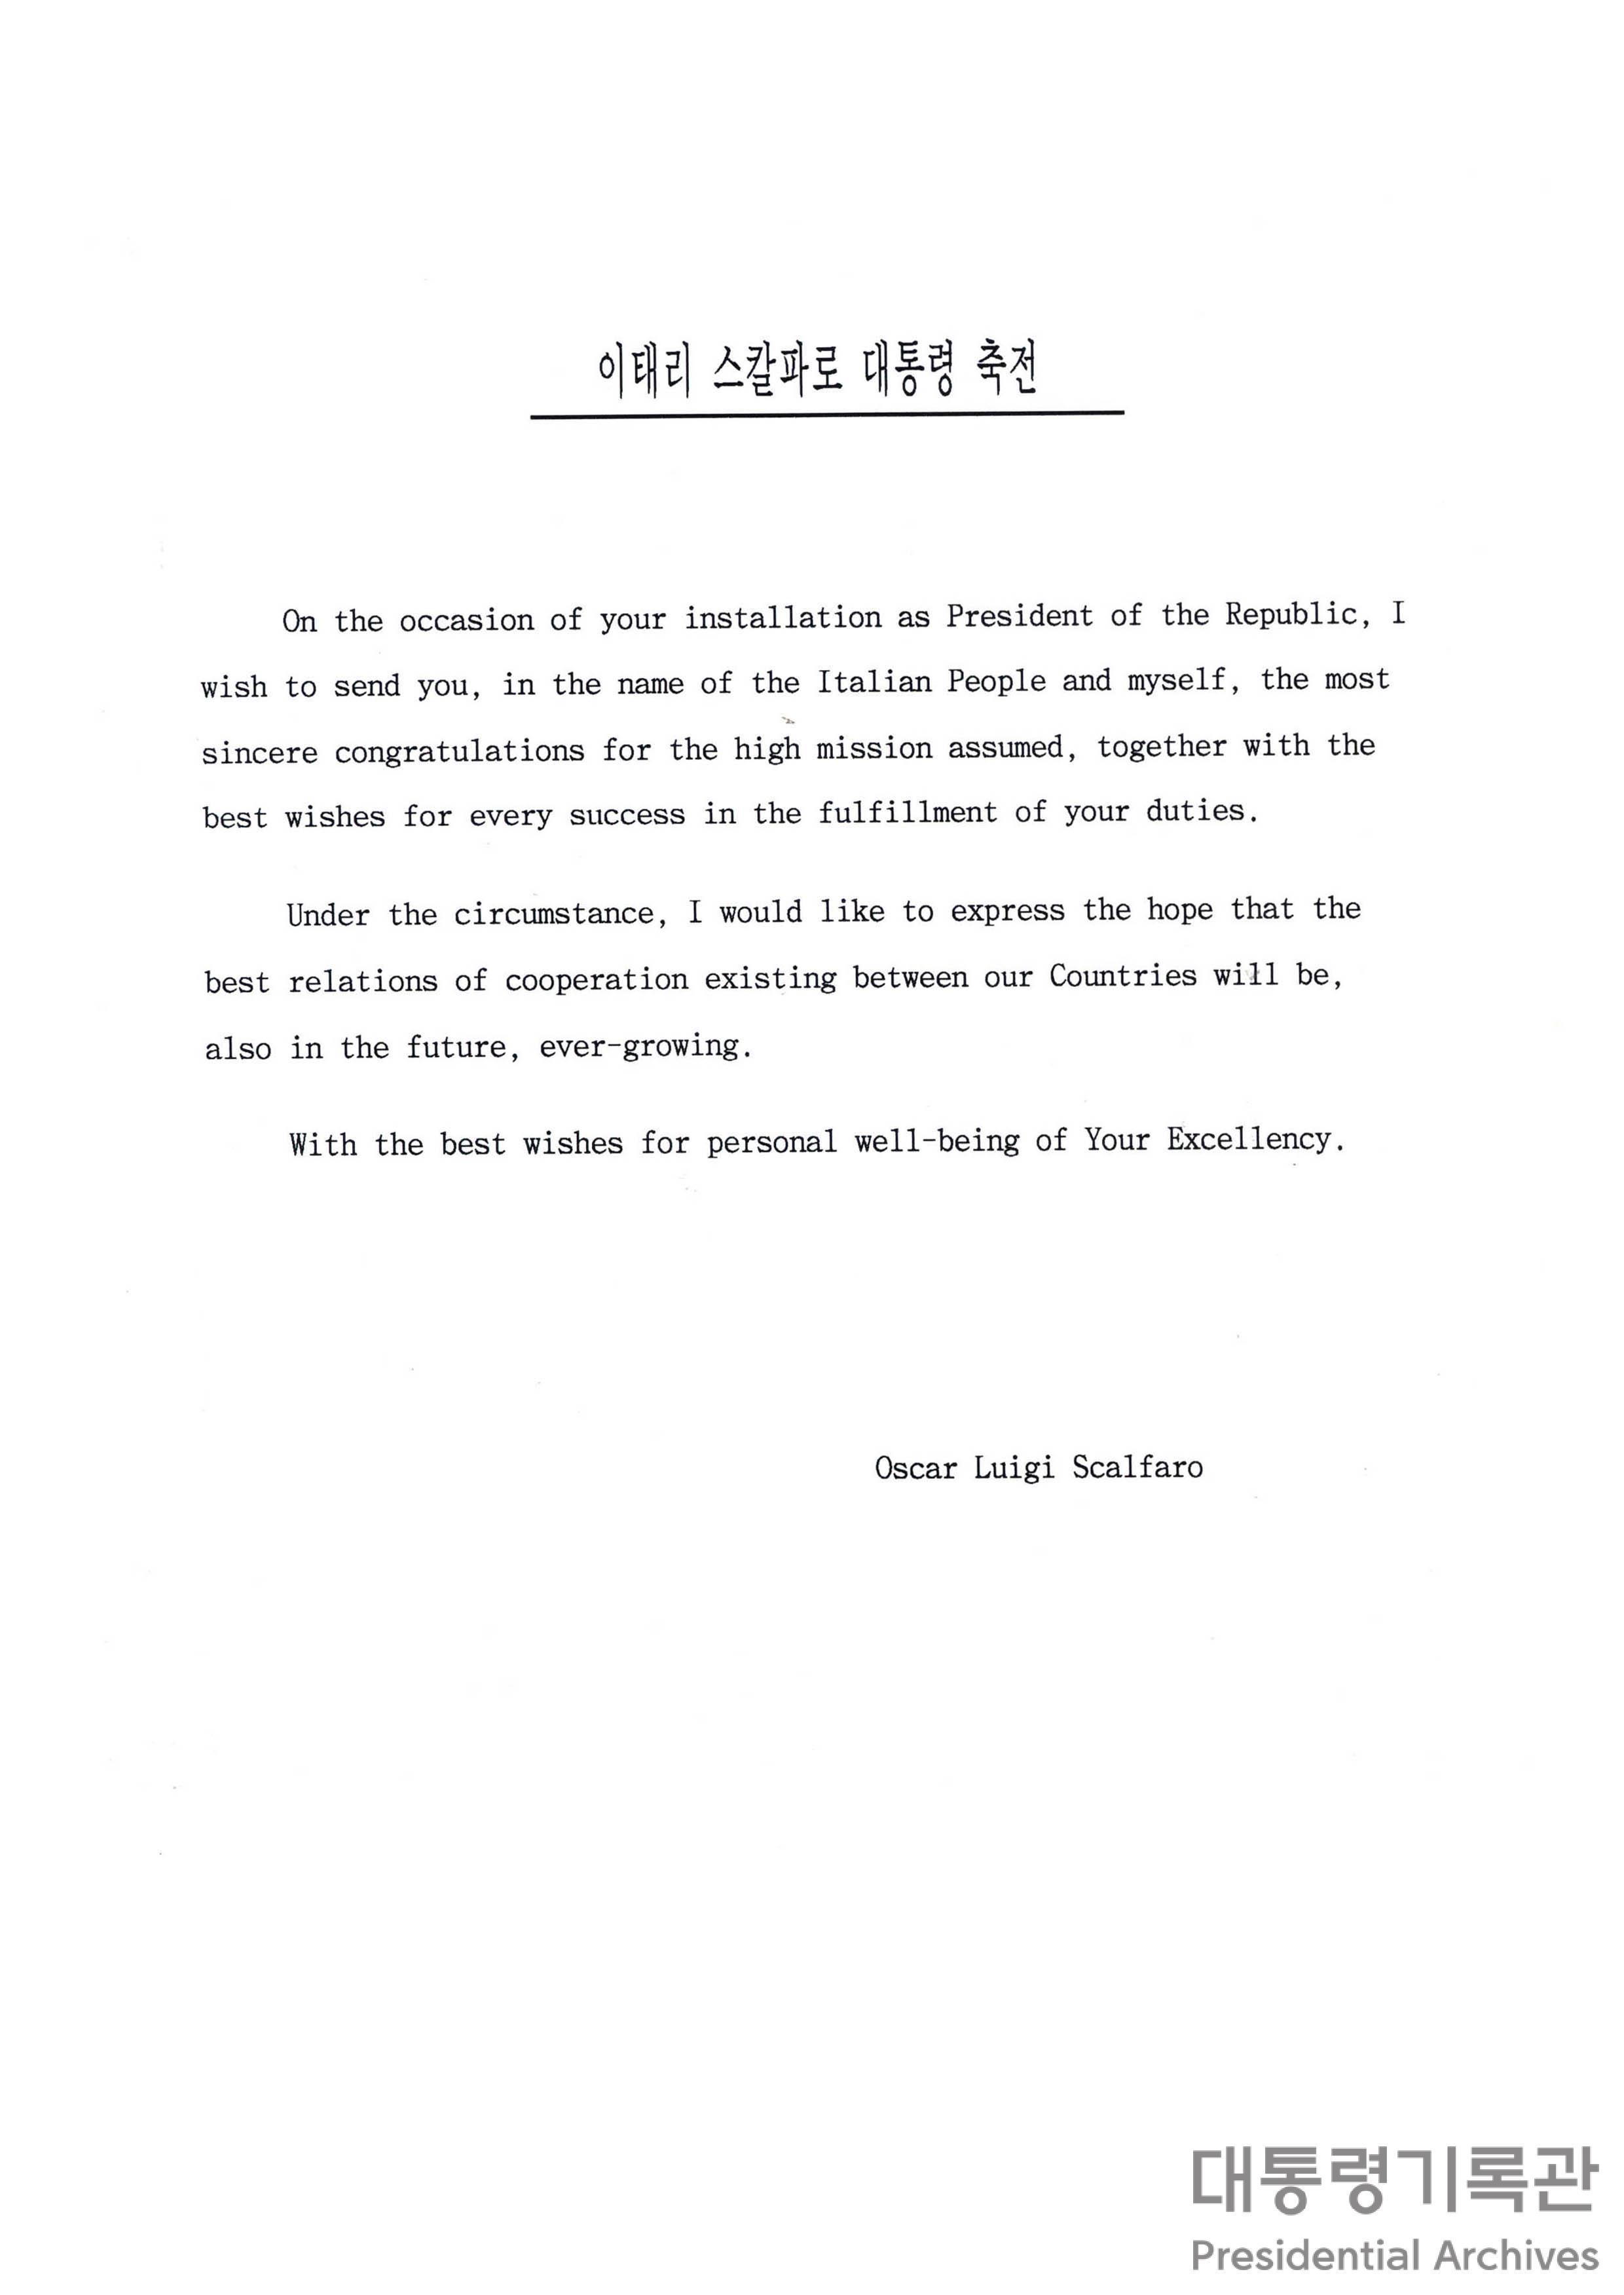 오스카 루이기 스칼파론(Oscar Luigi Scalfaro) 이태리 대통령이 김영삼 대통령에 보낸 서한